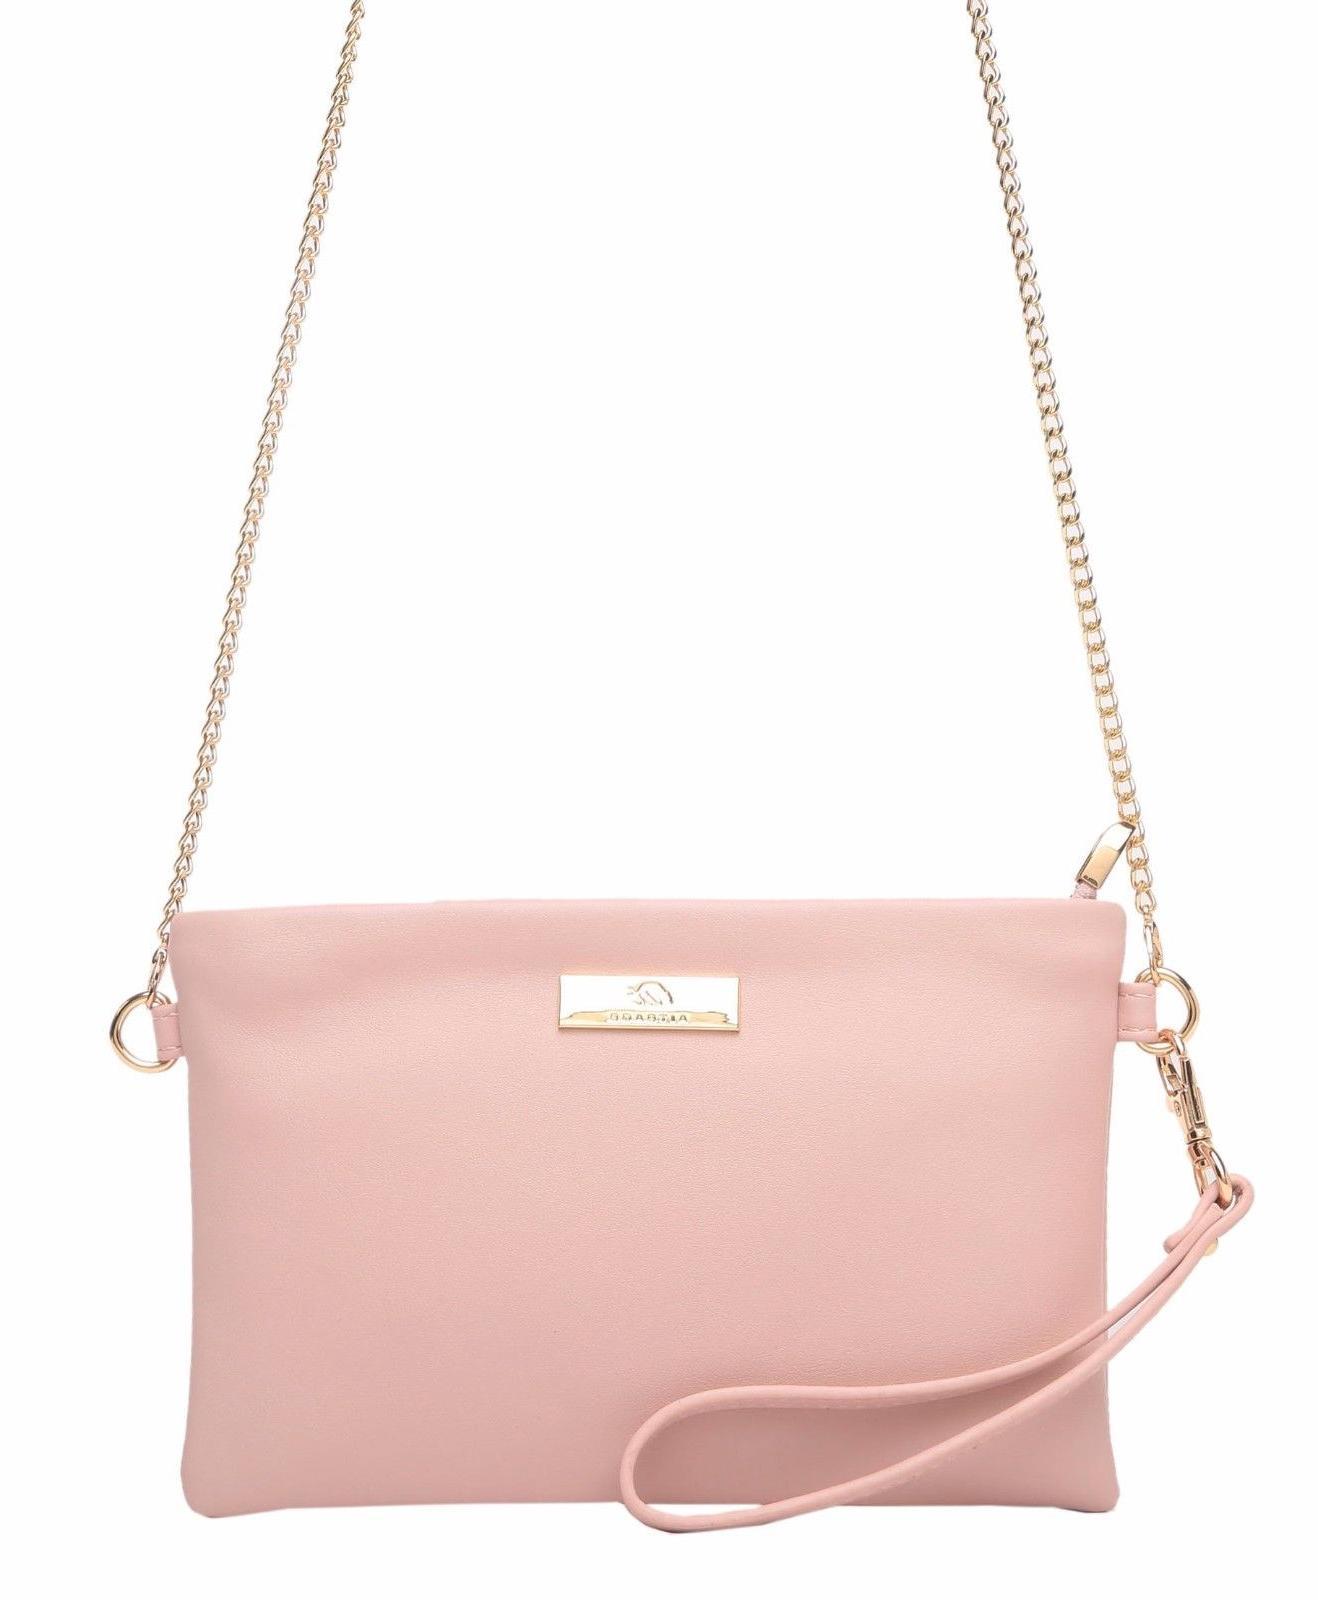 Aitbags Phone Purse Bag Chain